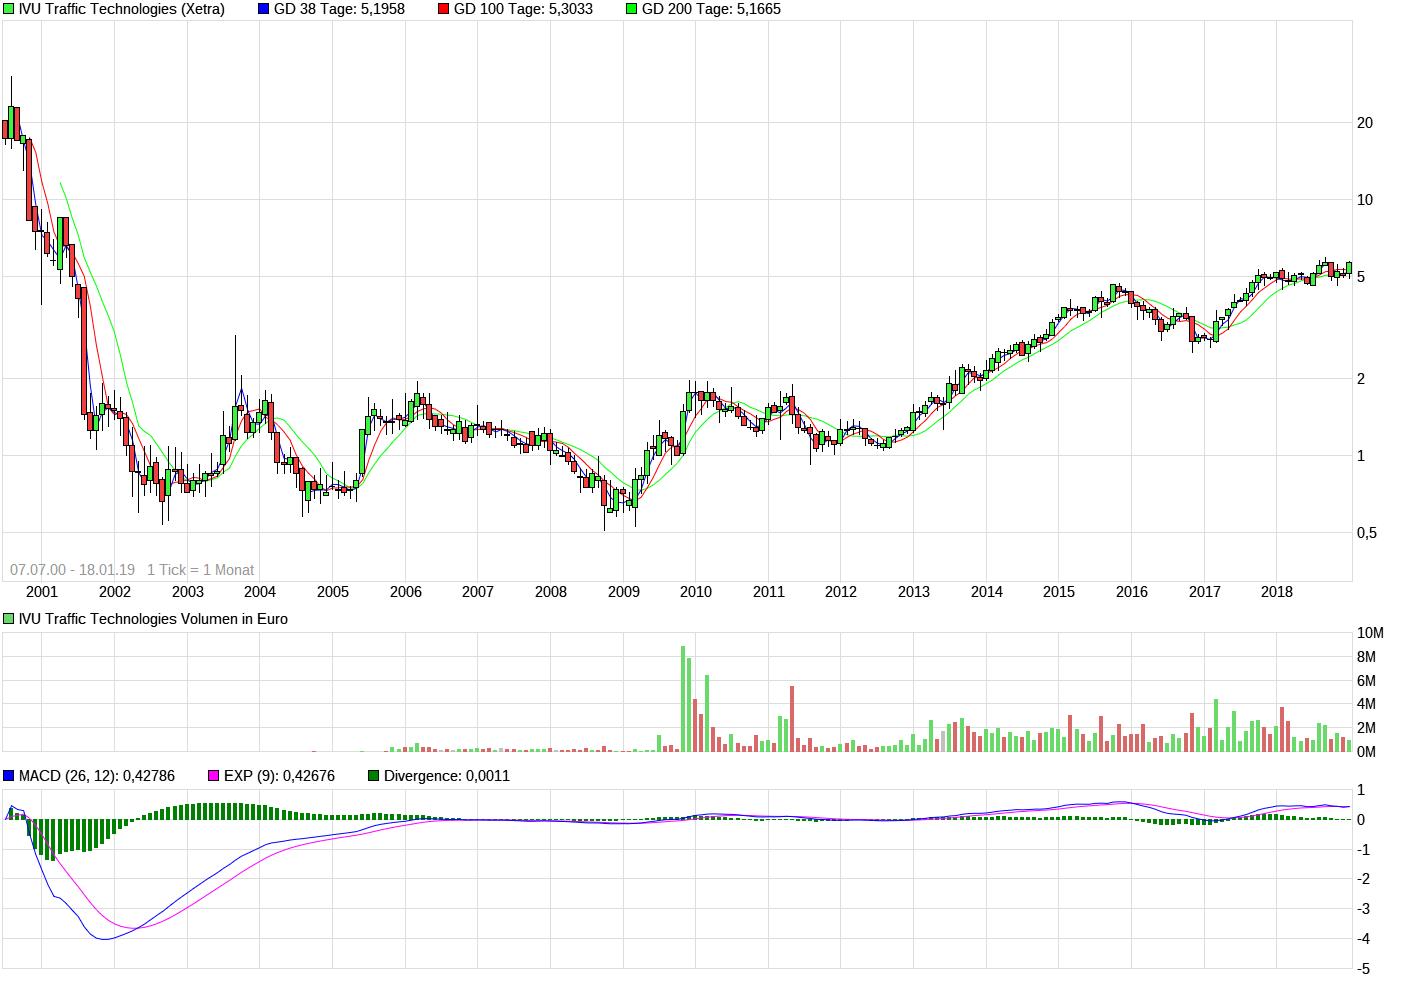 chart_all_ivutraffictechnologies.png